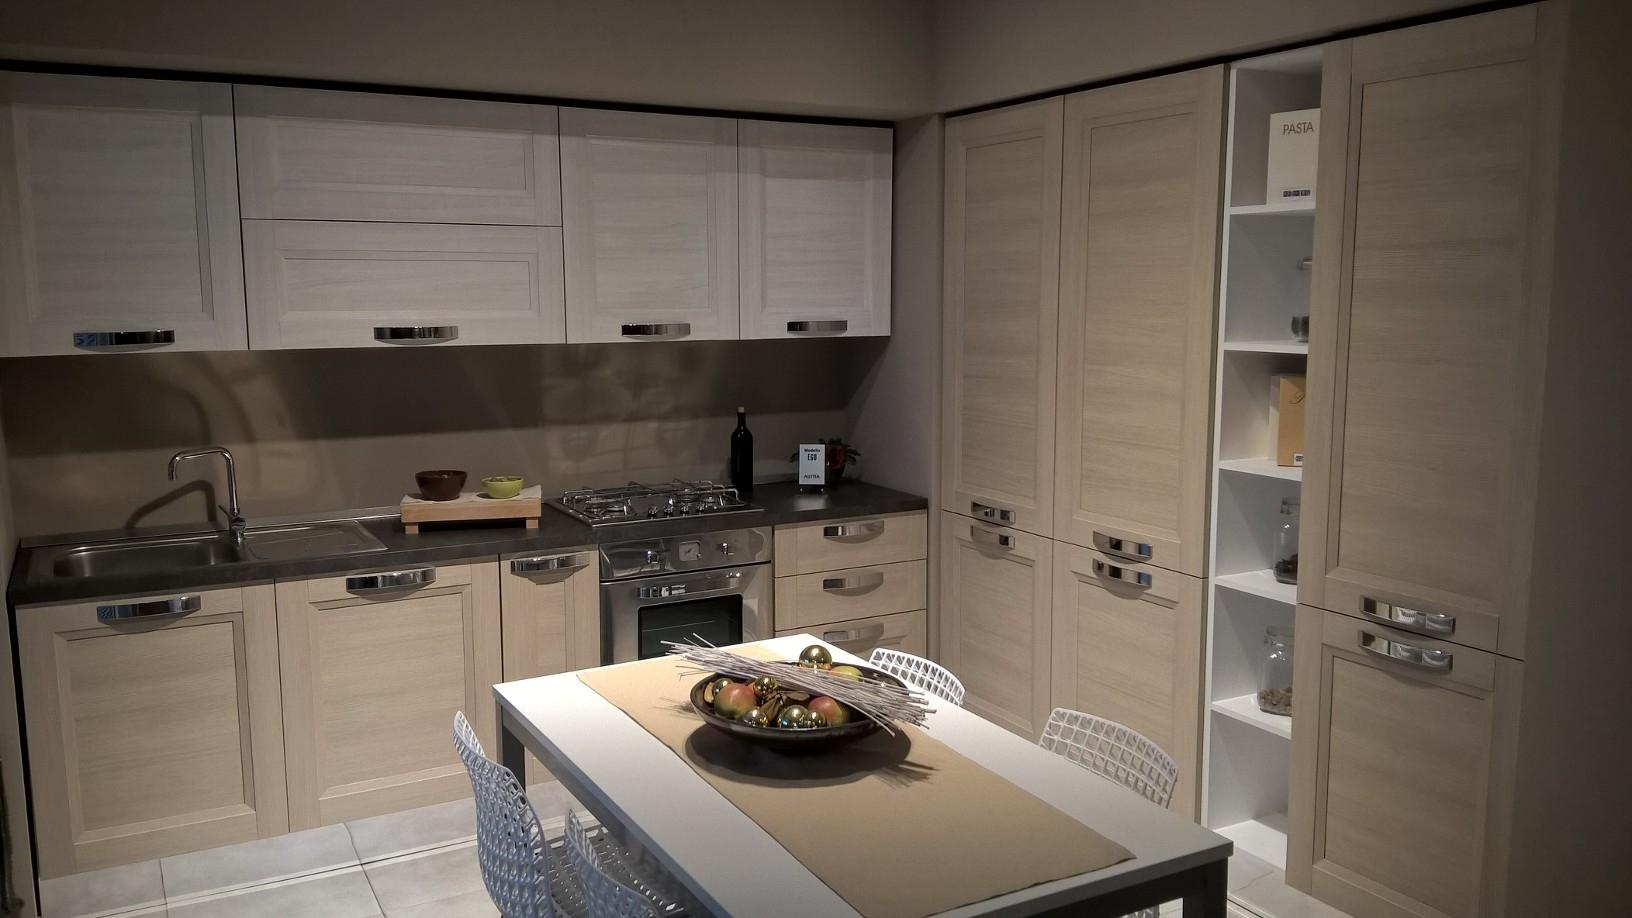 Beautiful cucine ambiente unico gallery home ideas - Cucina ambiente unico ...